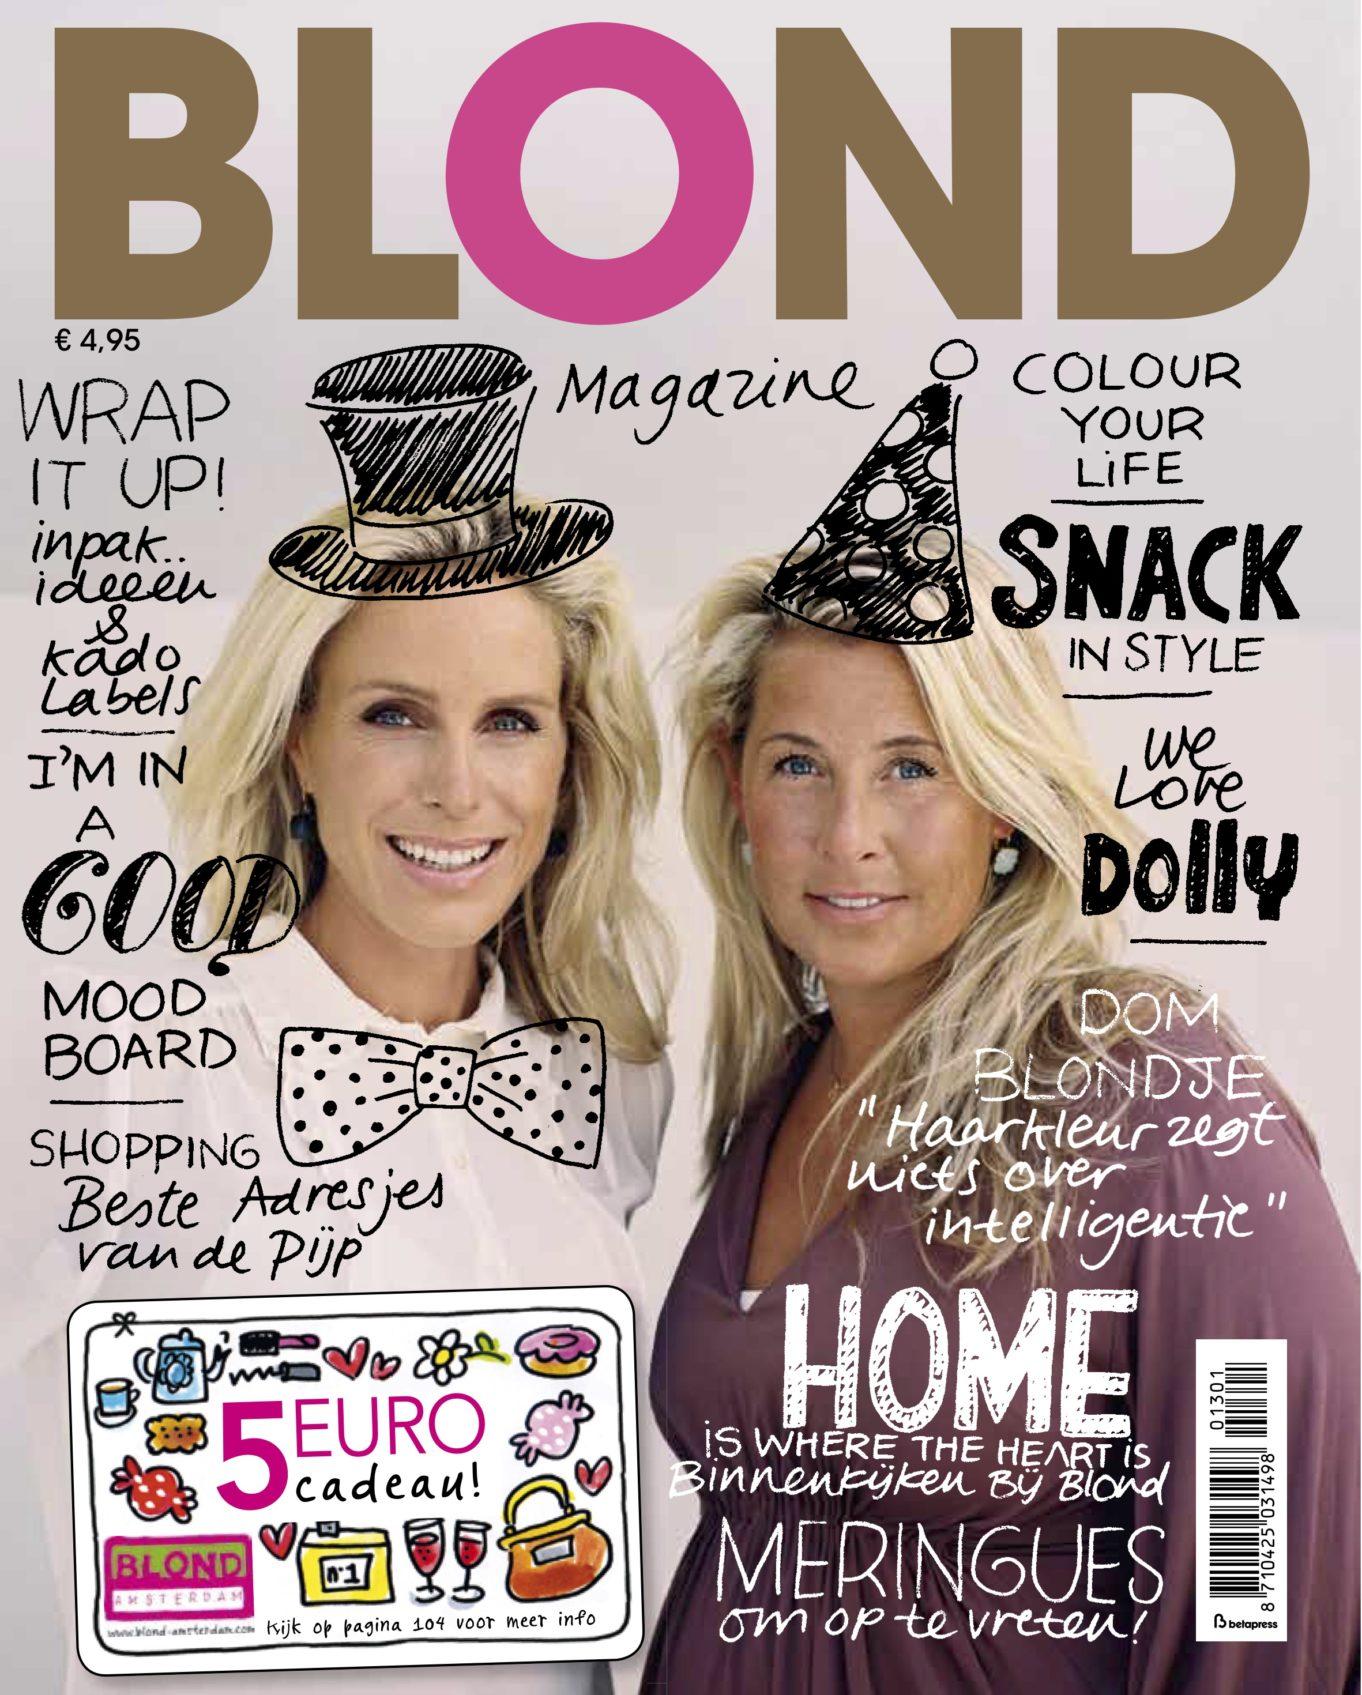 Blond Magazine